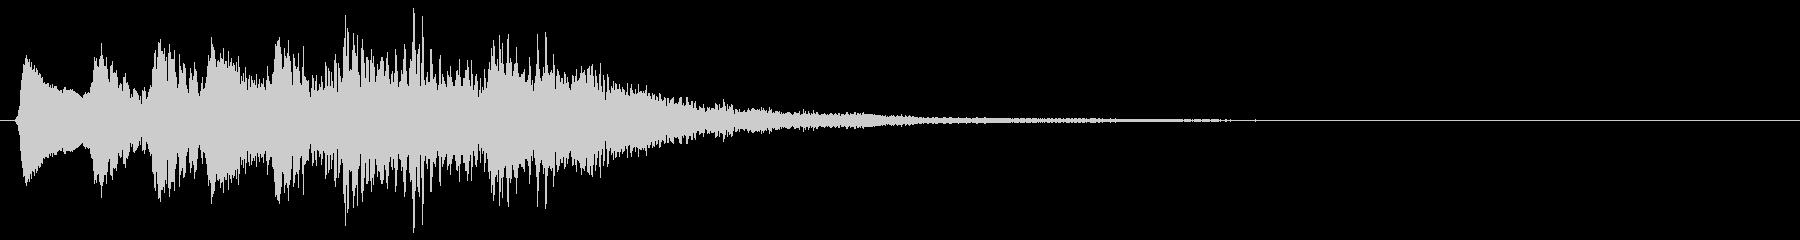 レトロな上昇音 タラララ 8bit ↑の未再生の波形